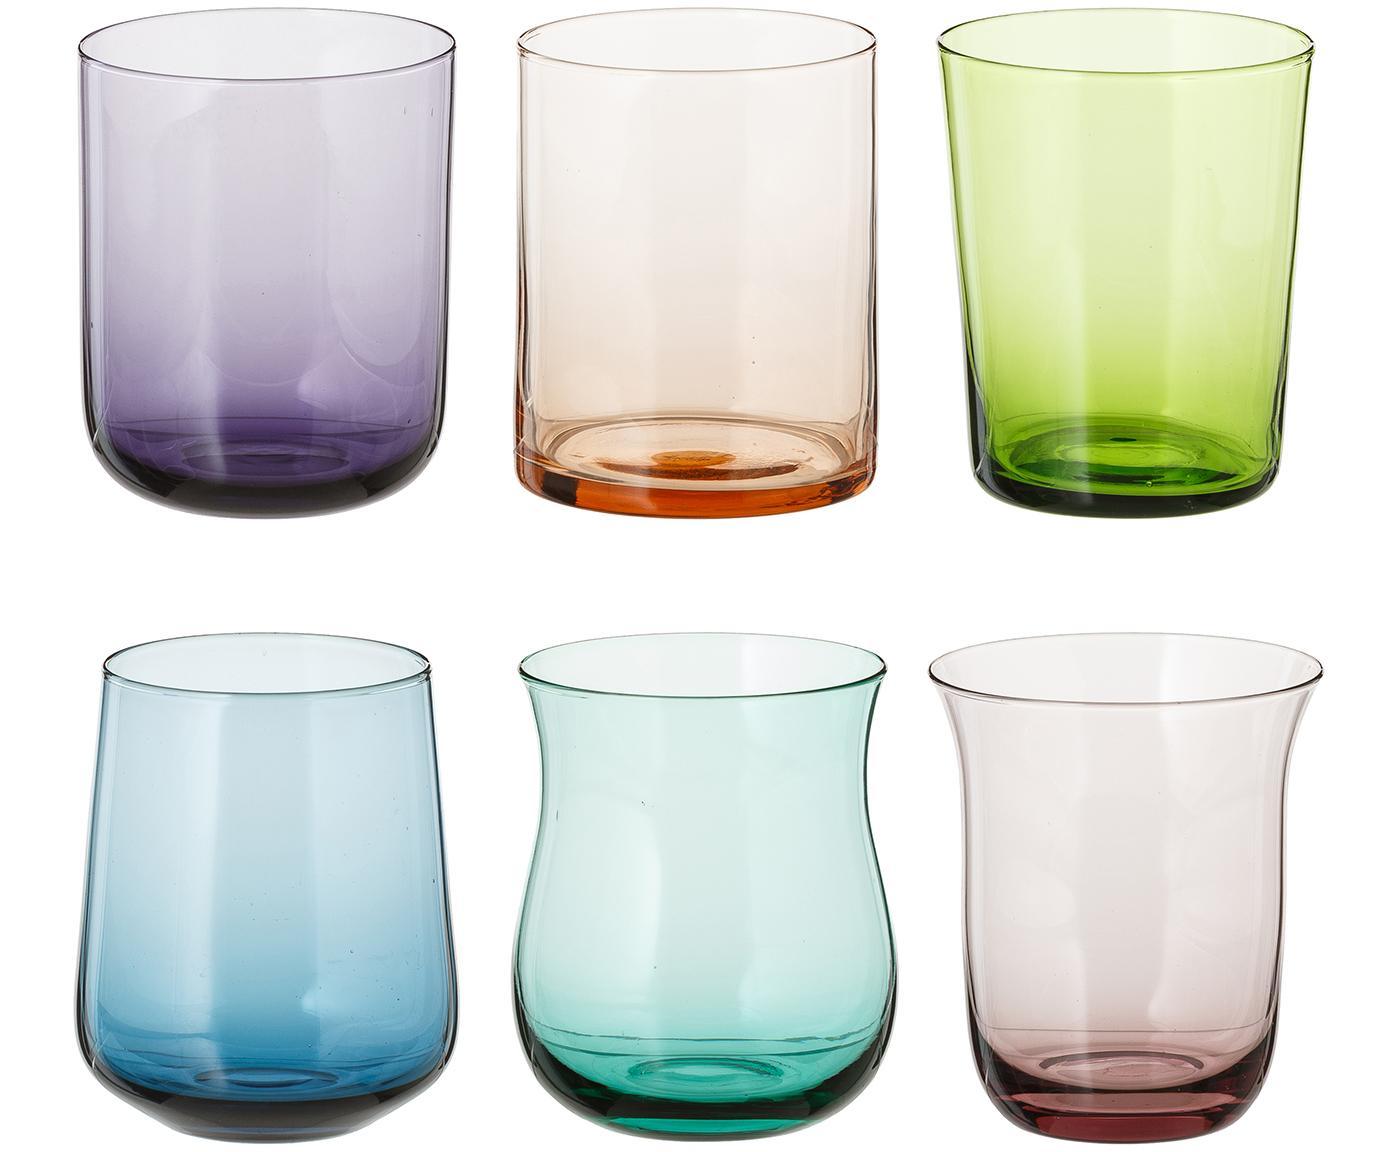 Komplet szklanek do wody ze szkła dmuchanego Desigual, 6elem., Szkło, Wielobarwny, W 10 cm